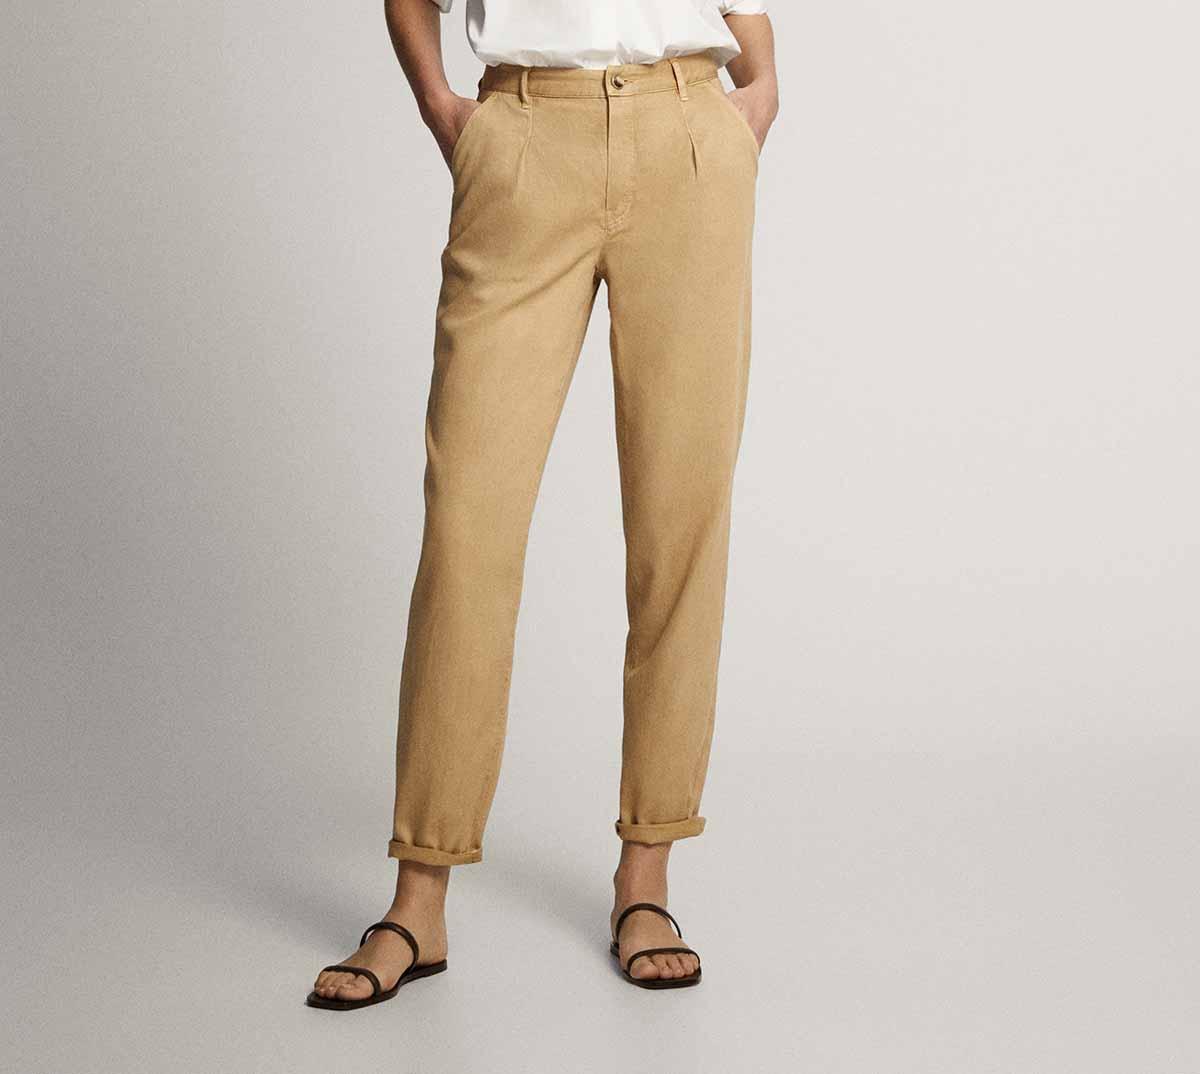 Pantalon pinzas 29,95 euros